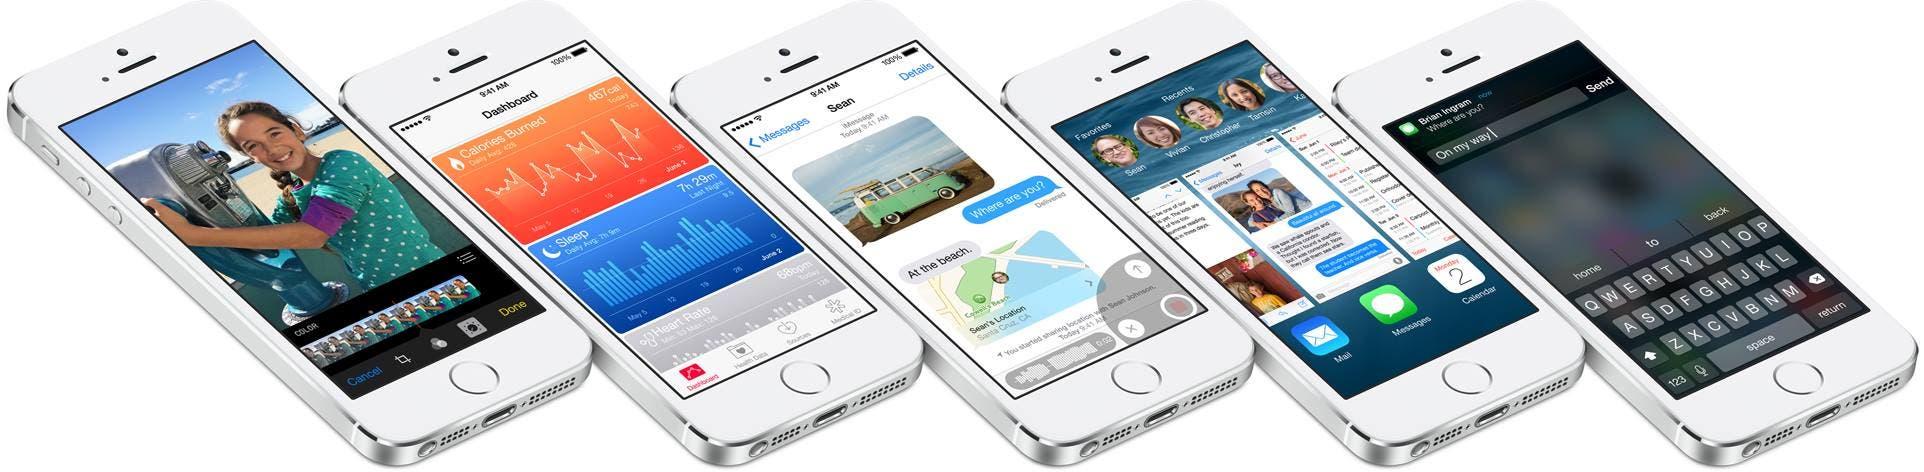 Apple stellt iOS 8 und mehr vor